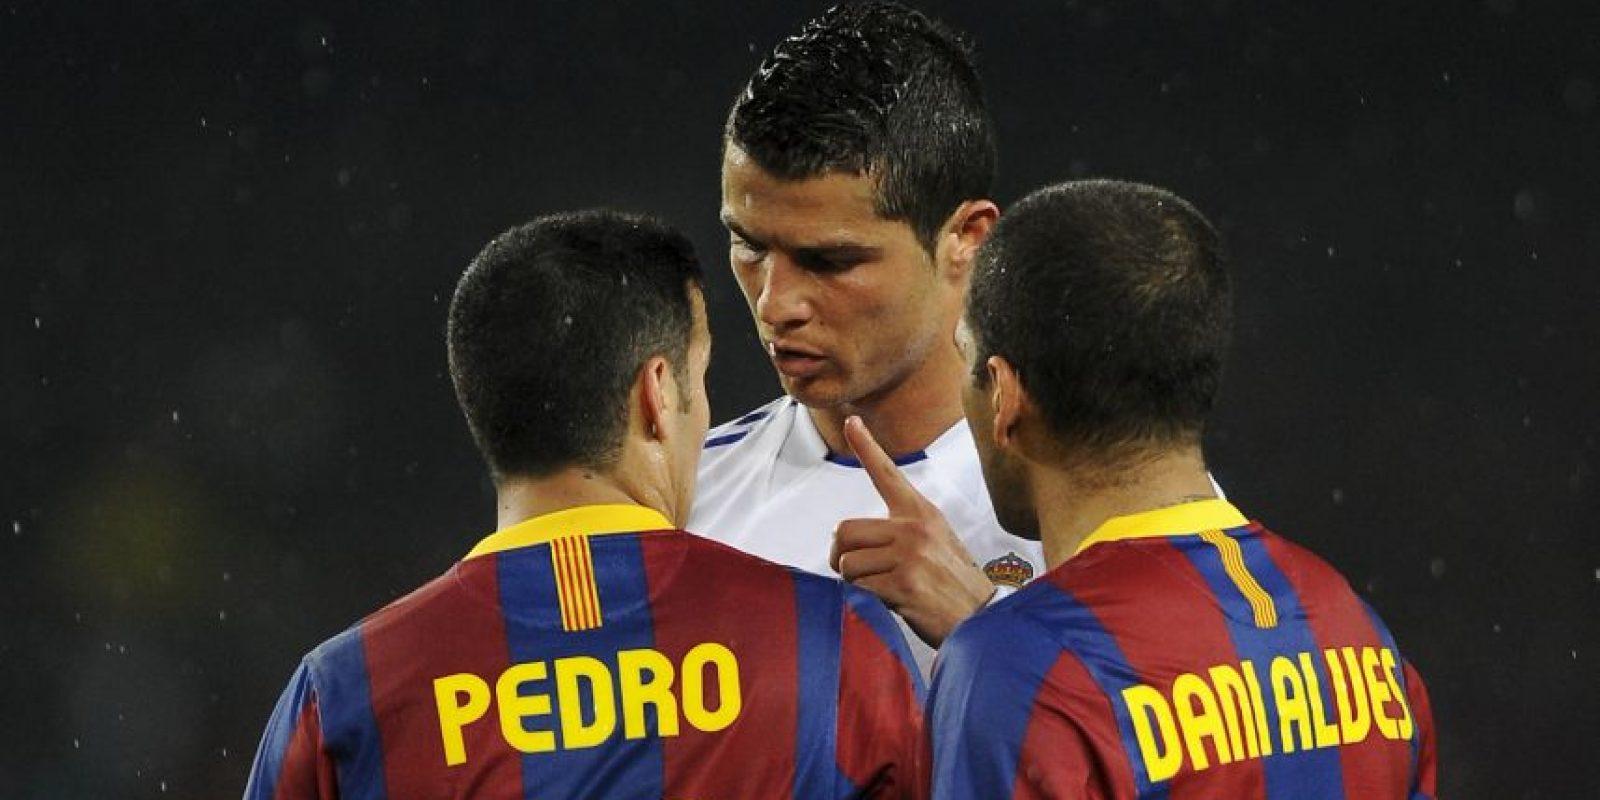 """La primera vez que Cristiano habló públicamente de """"robo"""" fue en 2011 en el Aeropuerto del Prat en Barcelona, tras la eliminación del Real Madrid frente al """"Barça"""" en la Champions League. Foto:Getty Images"""